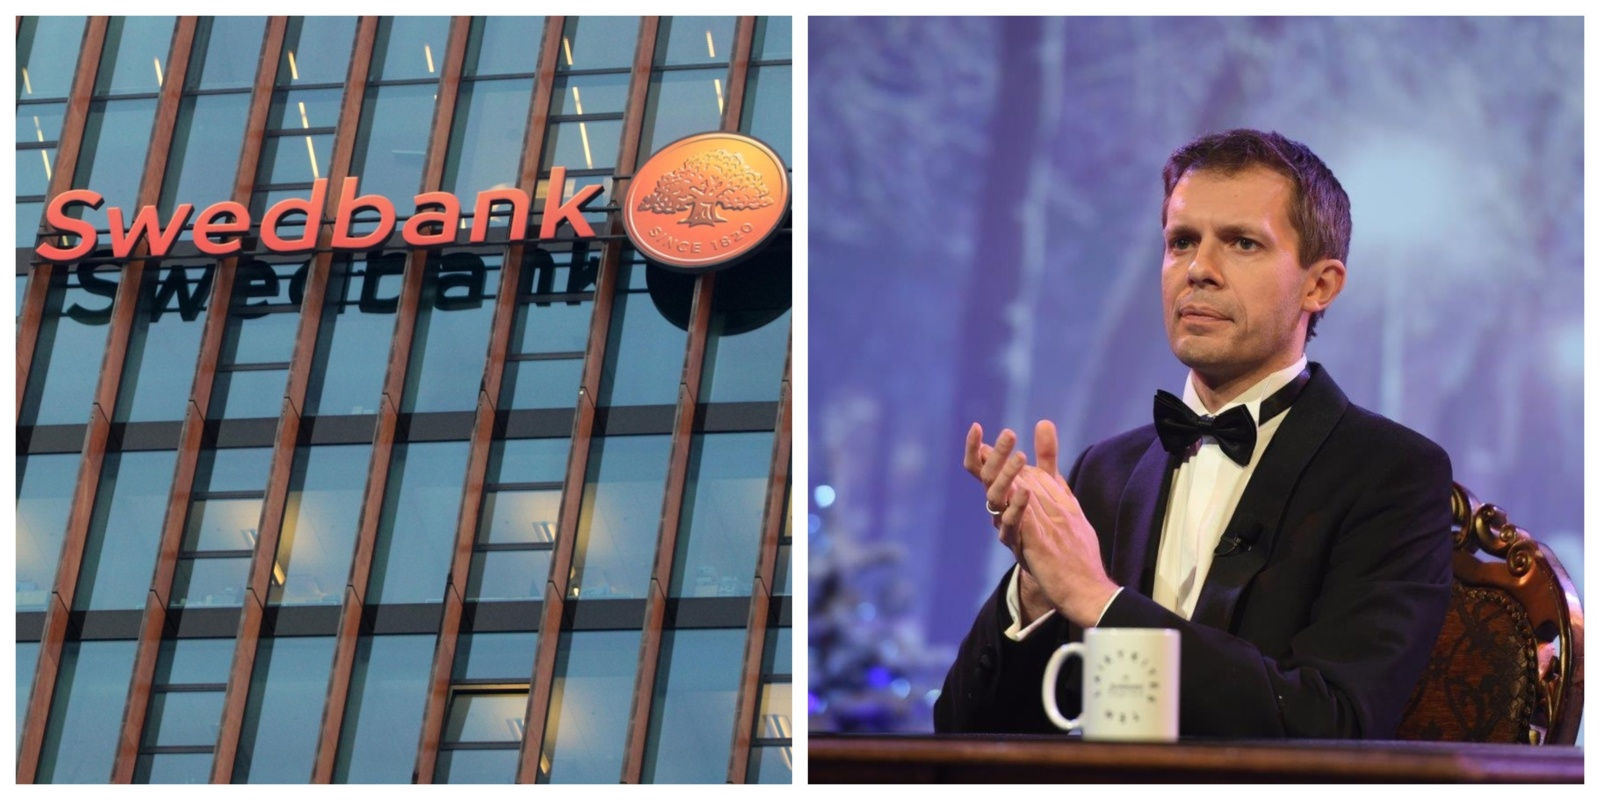 """""""Swedbank"""" įspėja: prisidengdami A. Tapino pavarde sukčiai nusitaikė į gyventojų santaupas"""